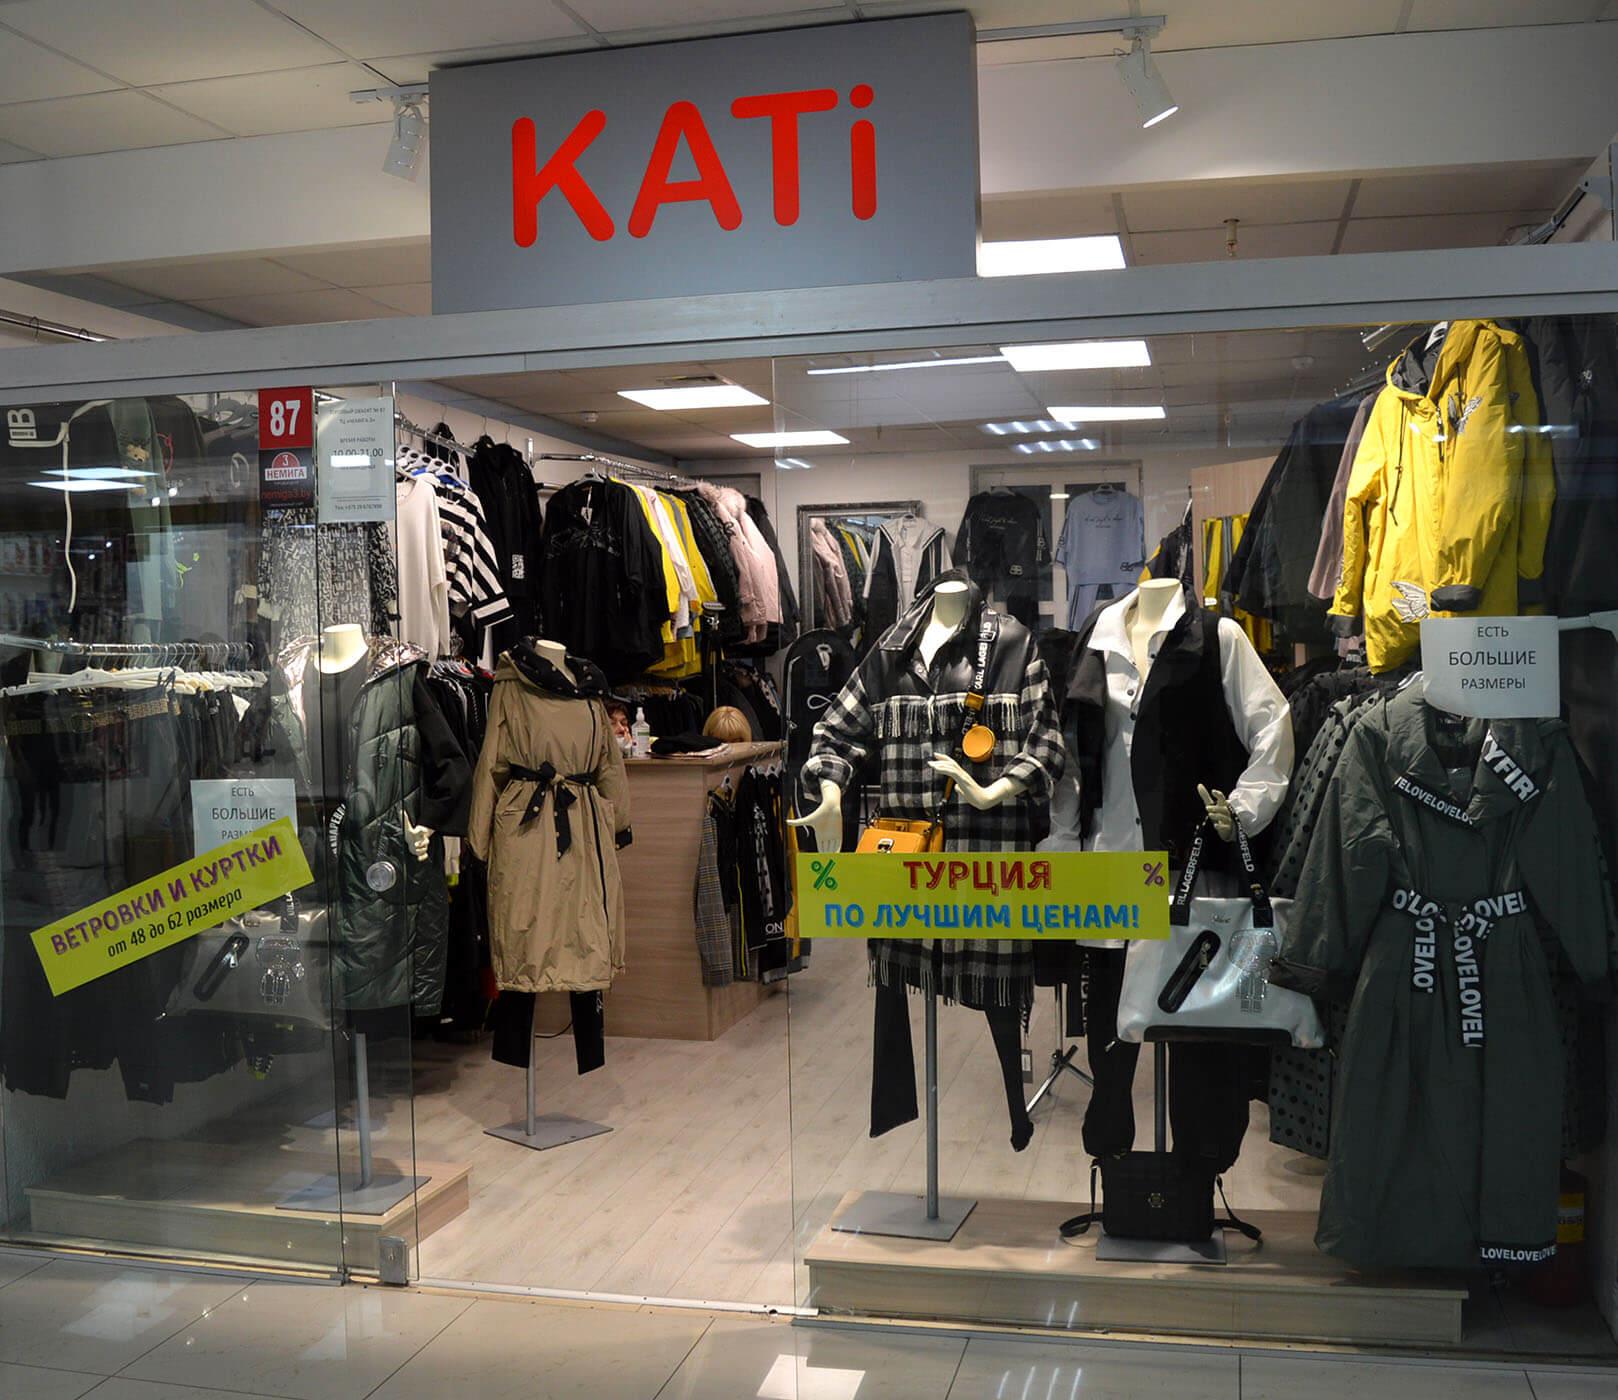 «KATi» - магазин женской одежды в павильоне №87 на 2-м этаже